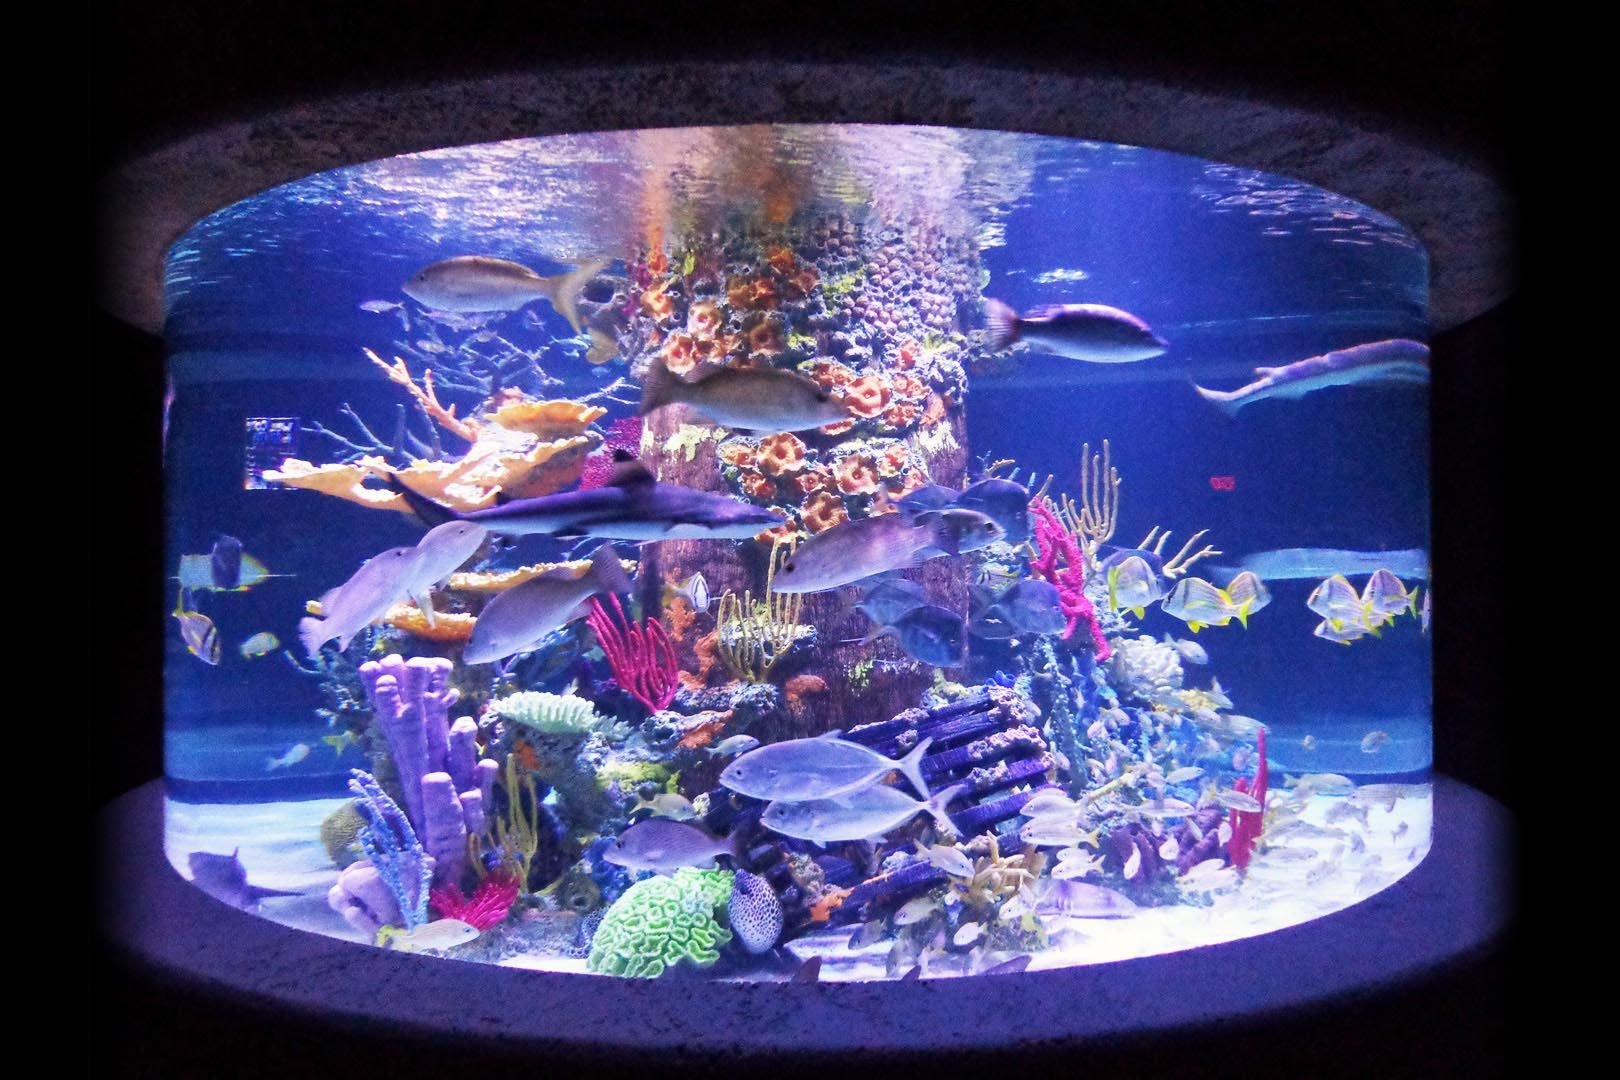 Artificial Coral Reef Aquarium Decoration Inserts Aquarium Plants